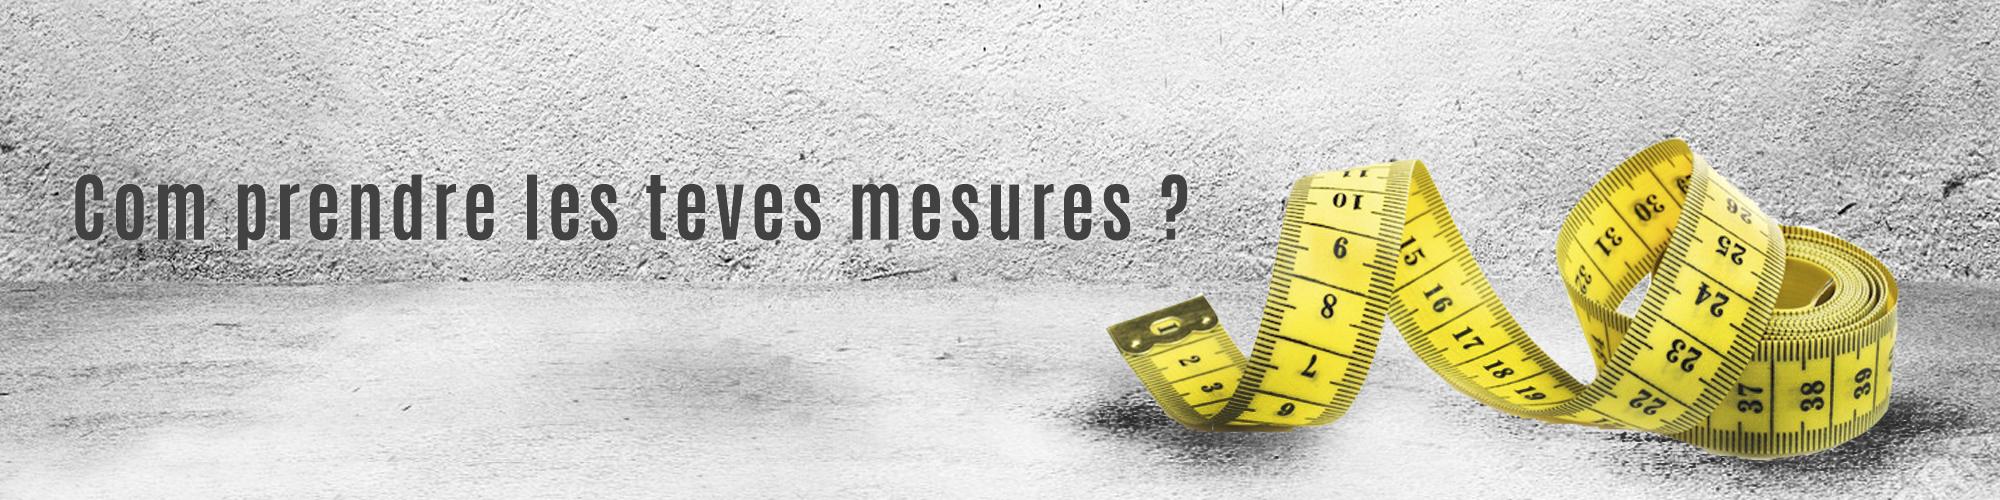 medidas-ca